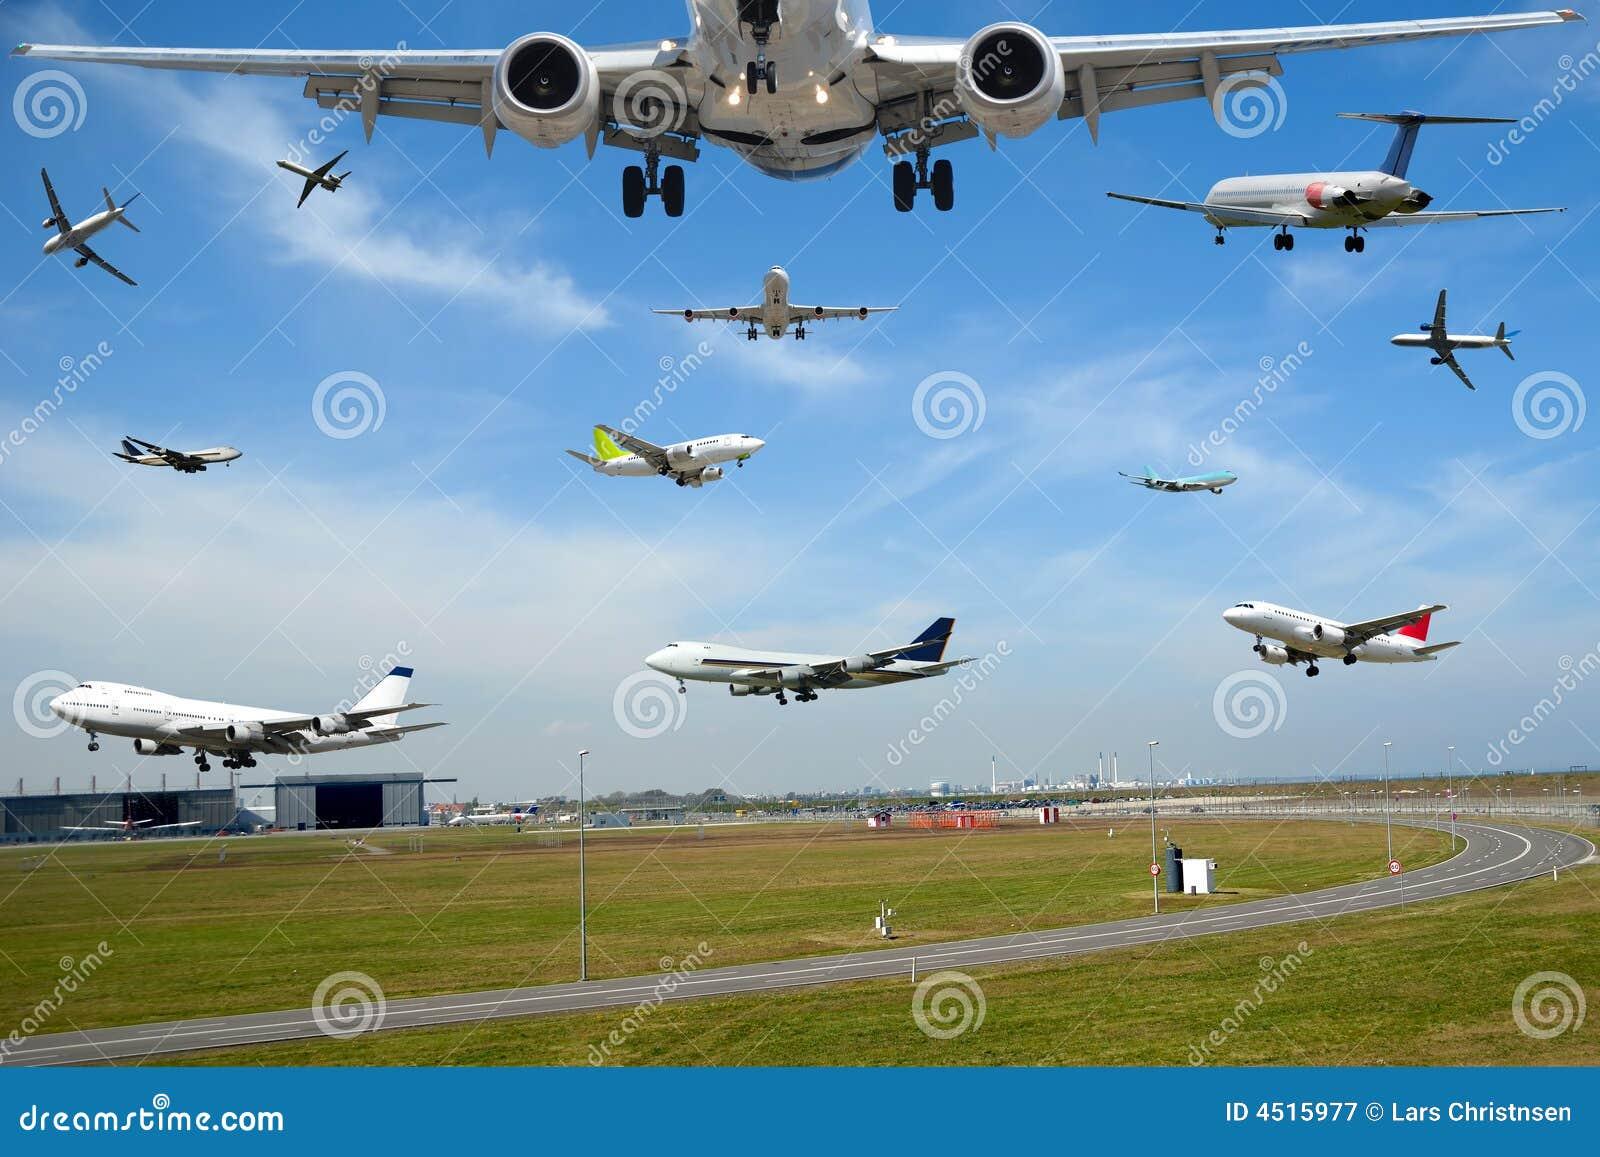 航空机场时数飞机仓促业务量旅行